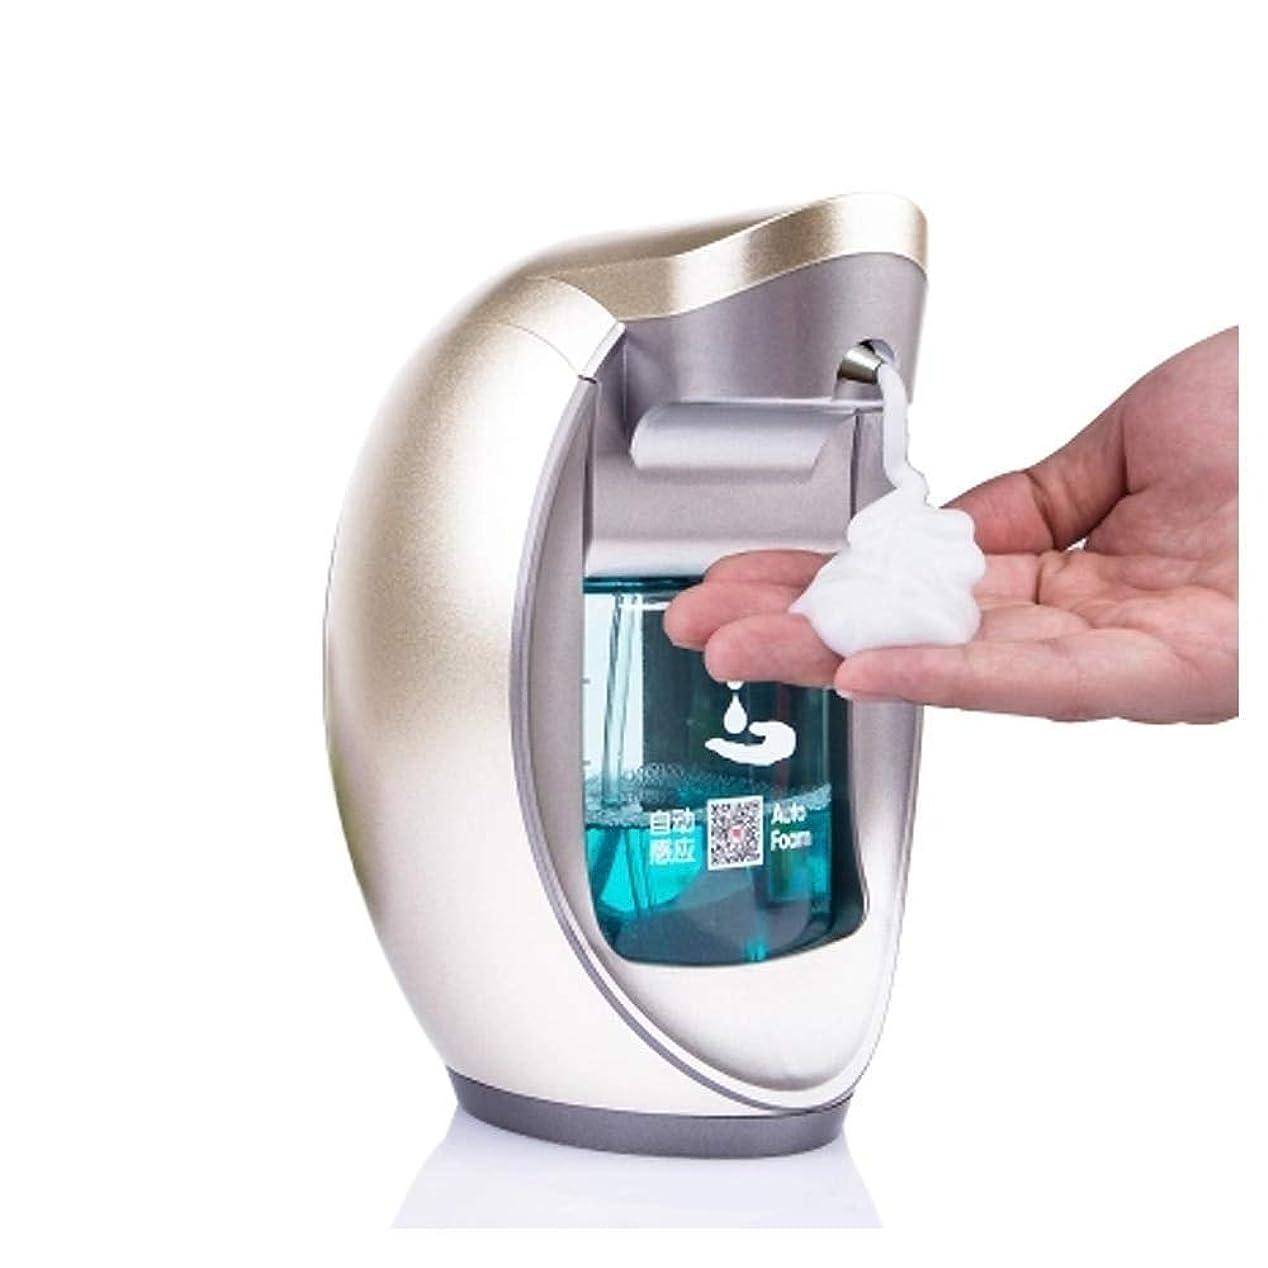 メンテナンス郊外望み480ミリリットル手洗い自動センサー用キッチンバスルームタッチレスサニタイザー内蔵赤外線スマート